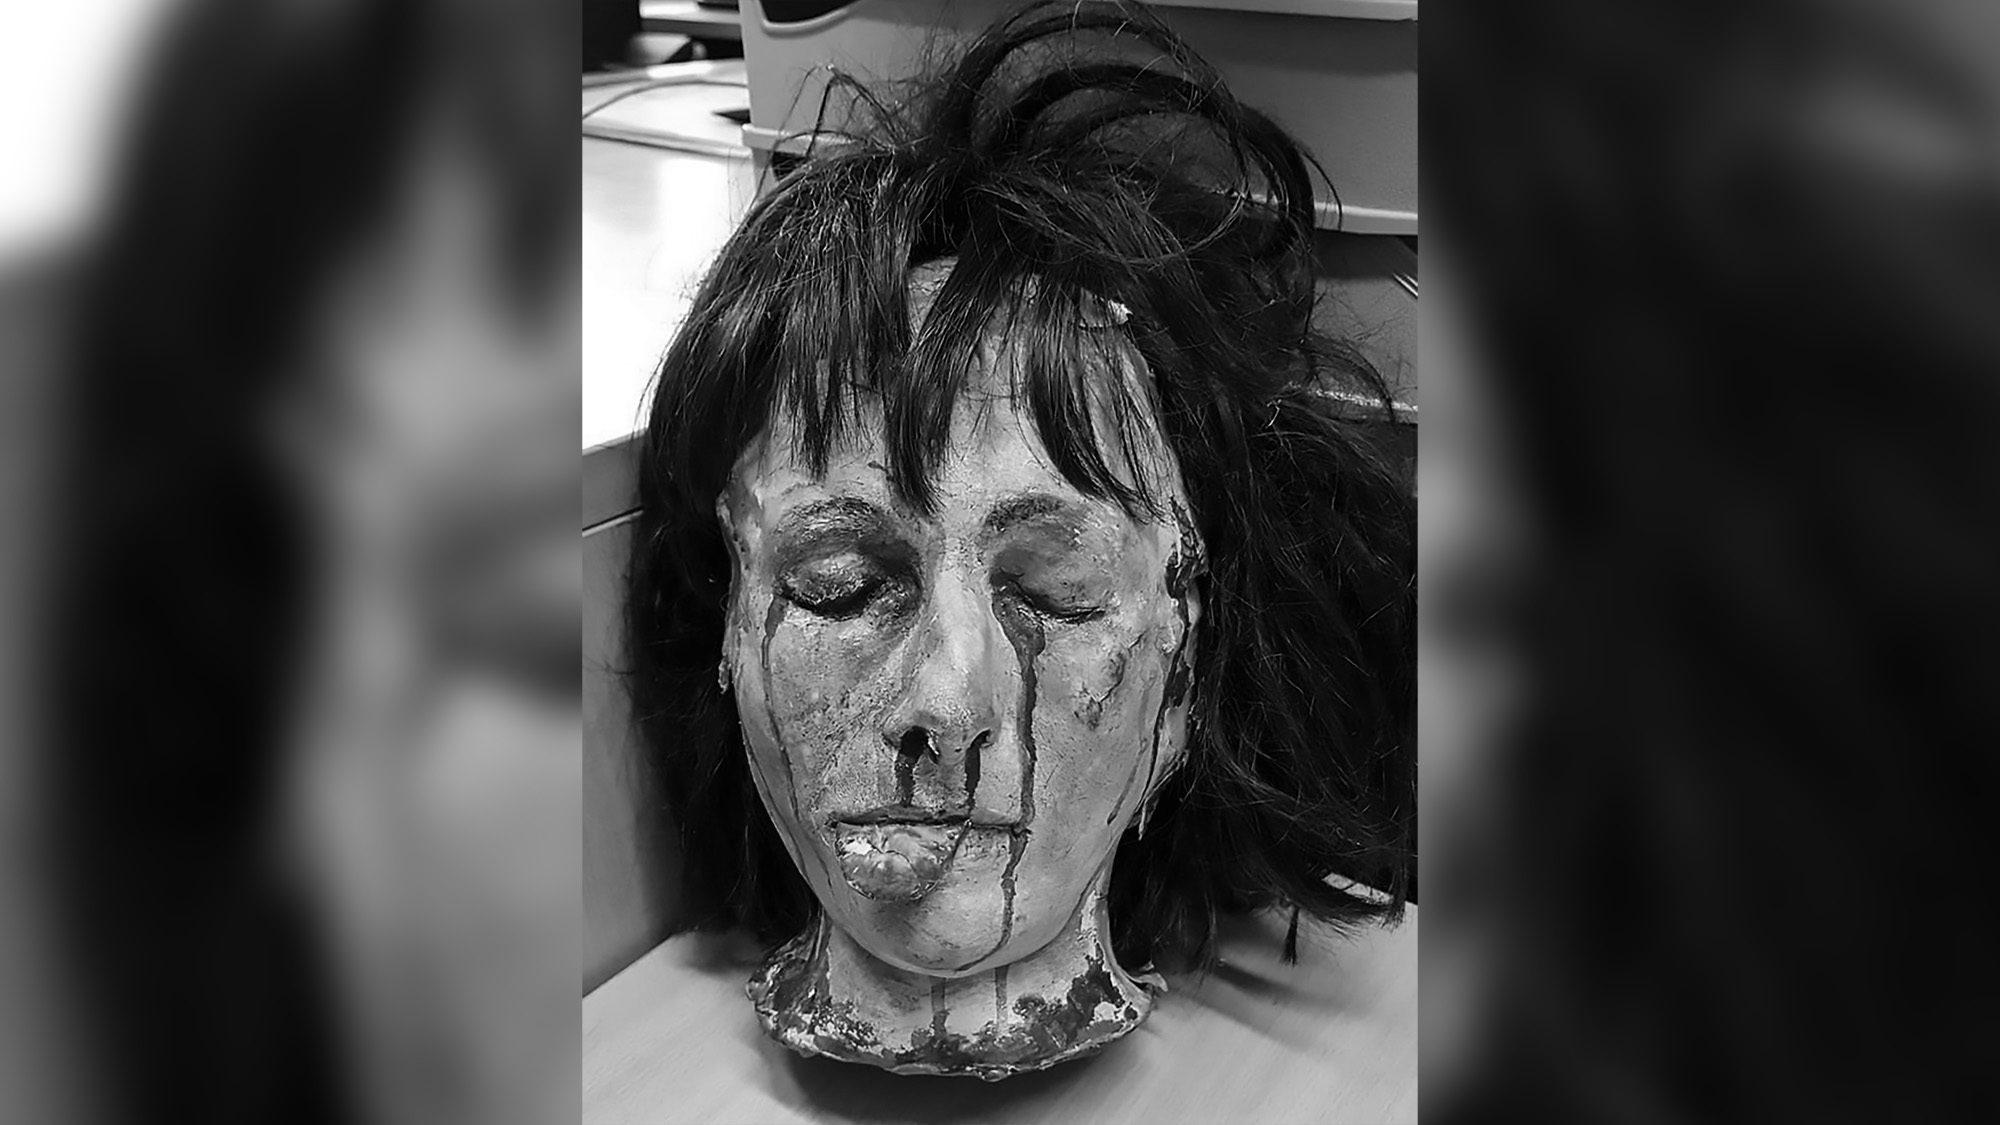 Fake Womans Severed Head Sparks Major Police Alert